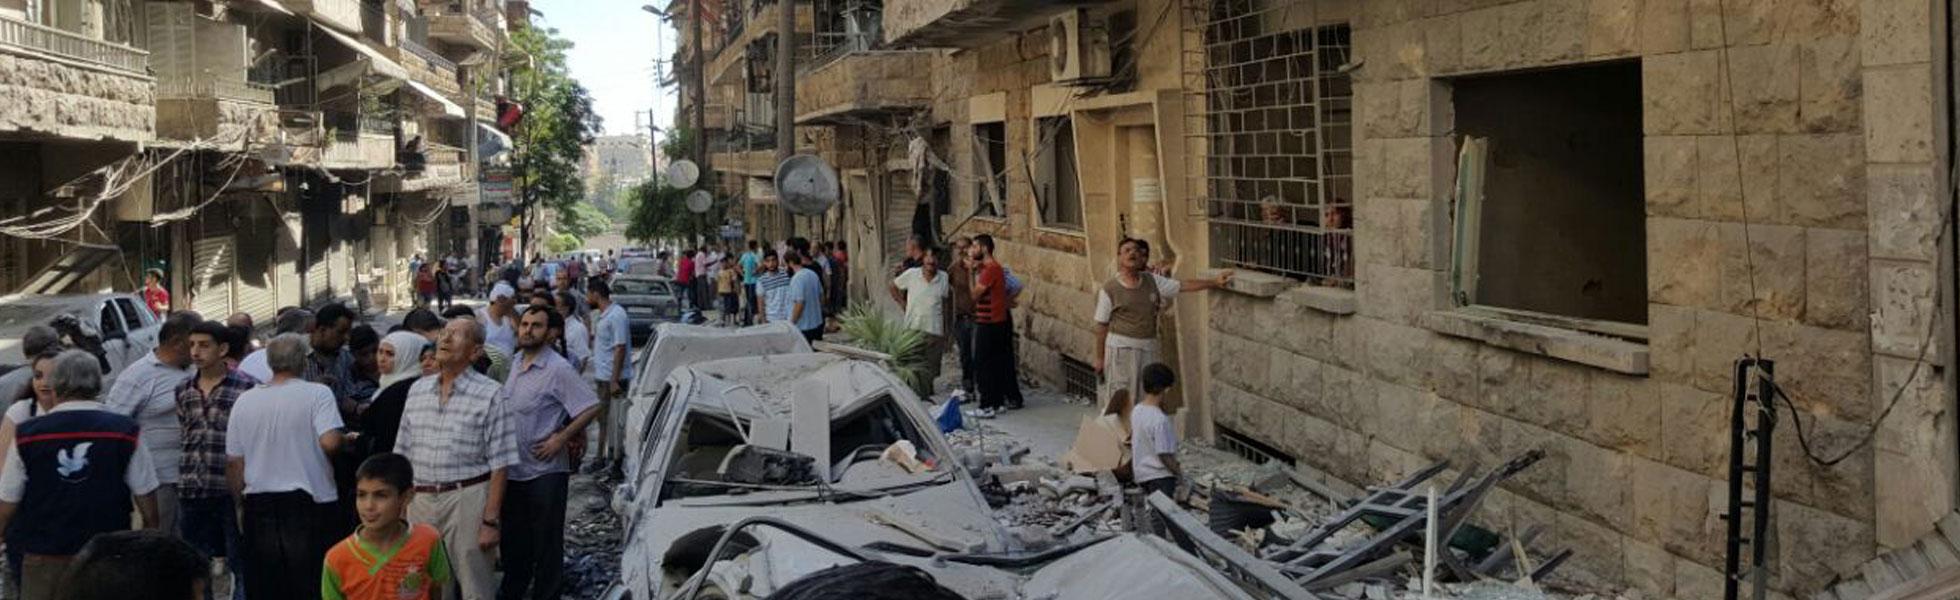 Aleppo: the dark city